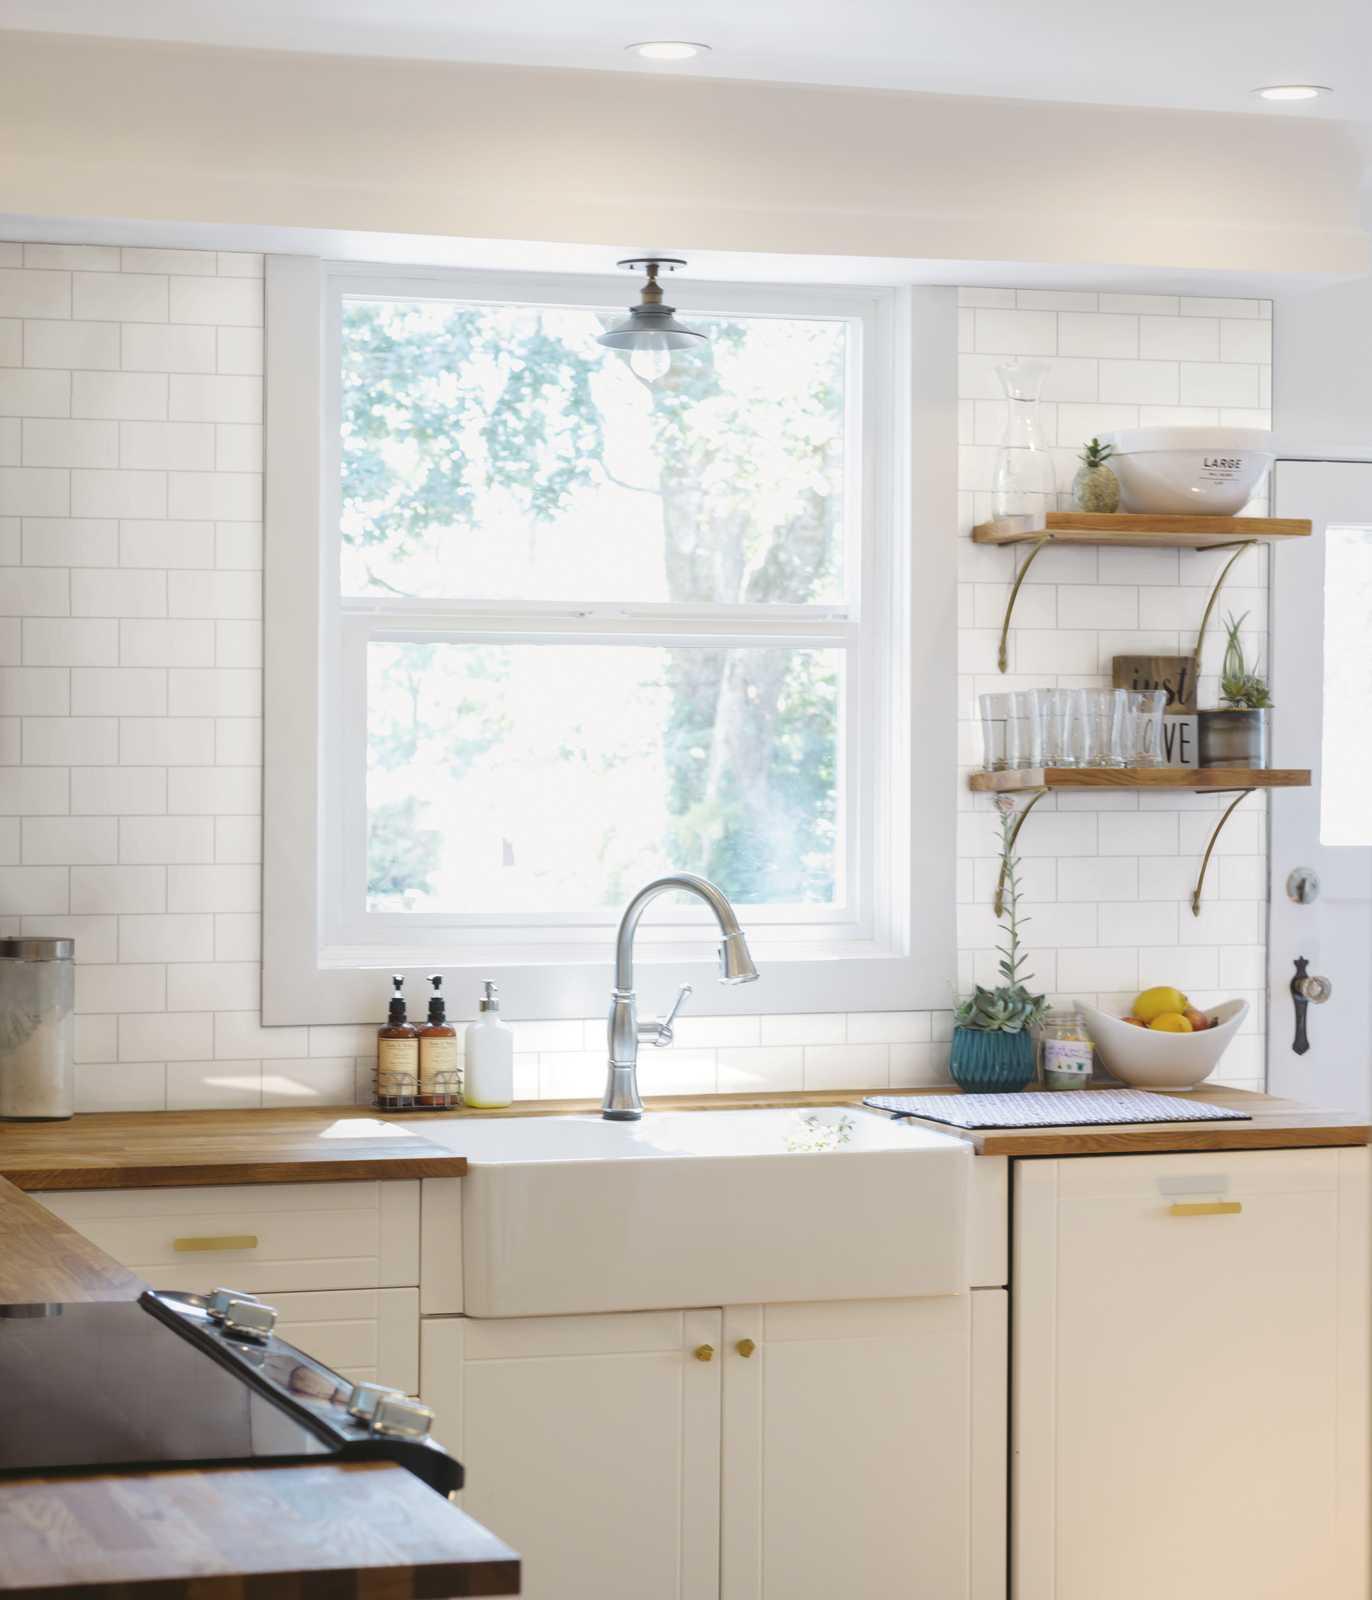 Piastrelle cucina idee in ceramica e gres marazzi for Piastrelle cucina disegnate